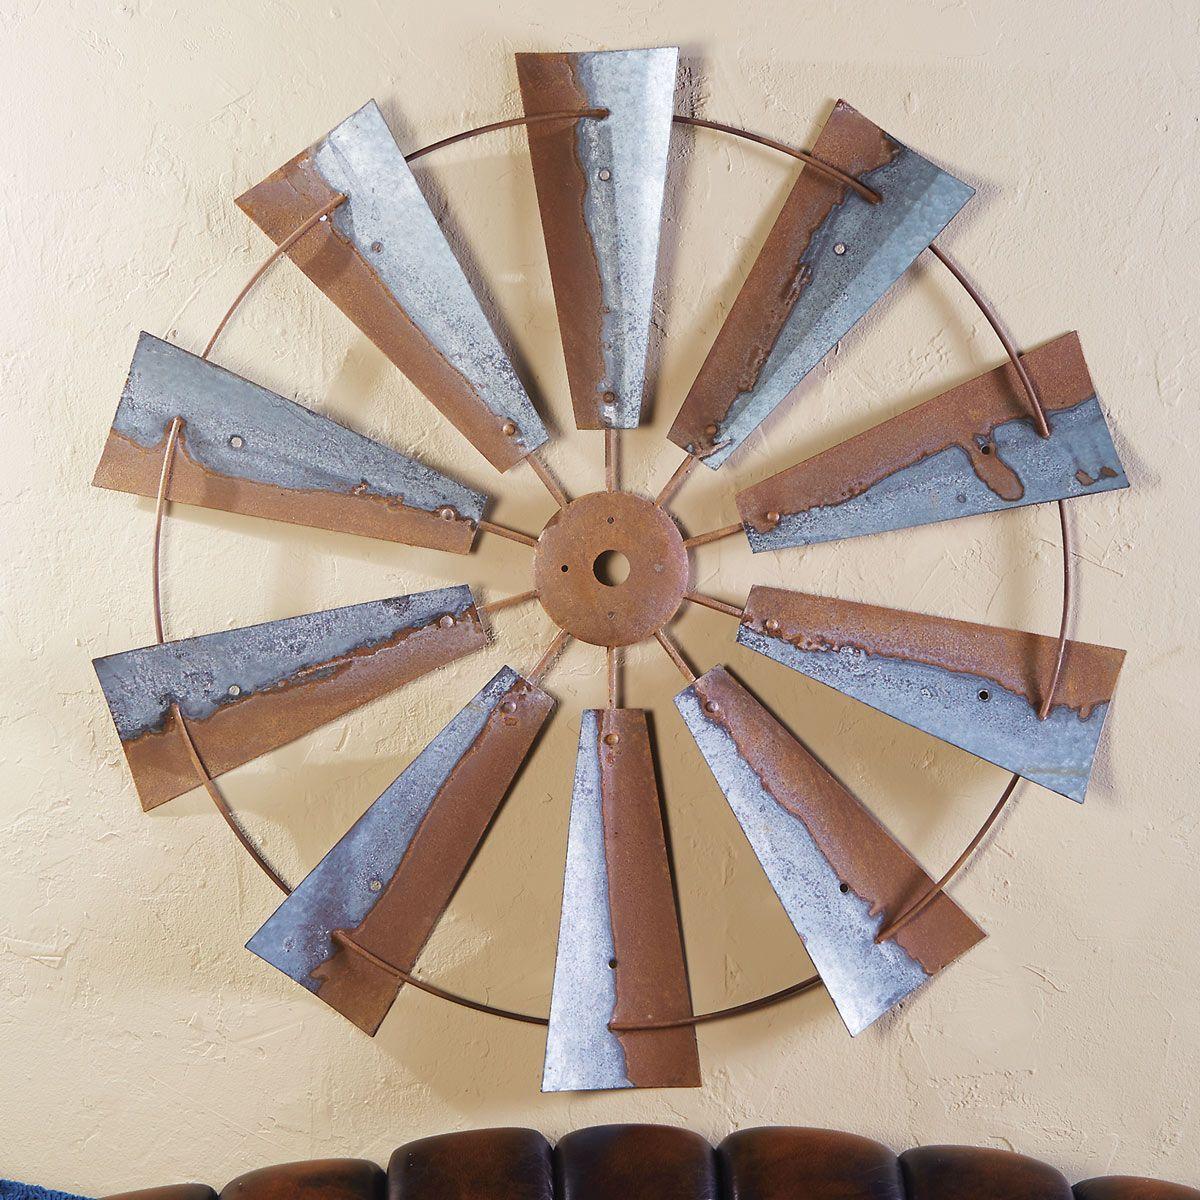 Rustic Metal Wall Art Large Metal Windmill Wall Hanging Metal Windmill Outdoor Metal Wall Art Windmill Wall Decor